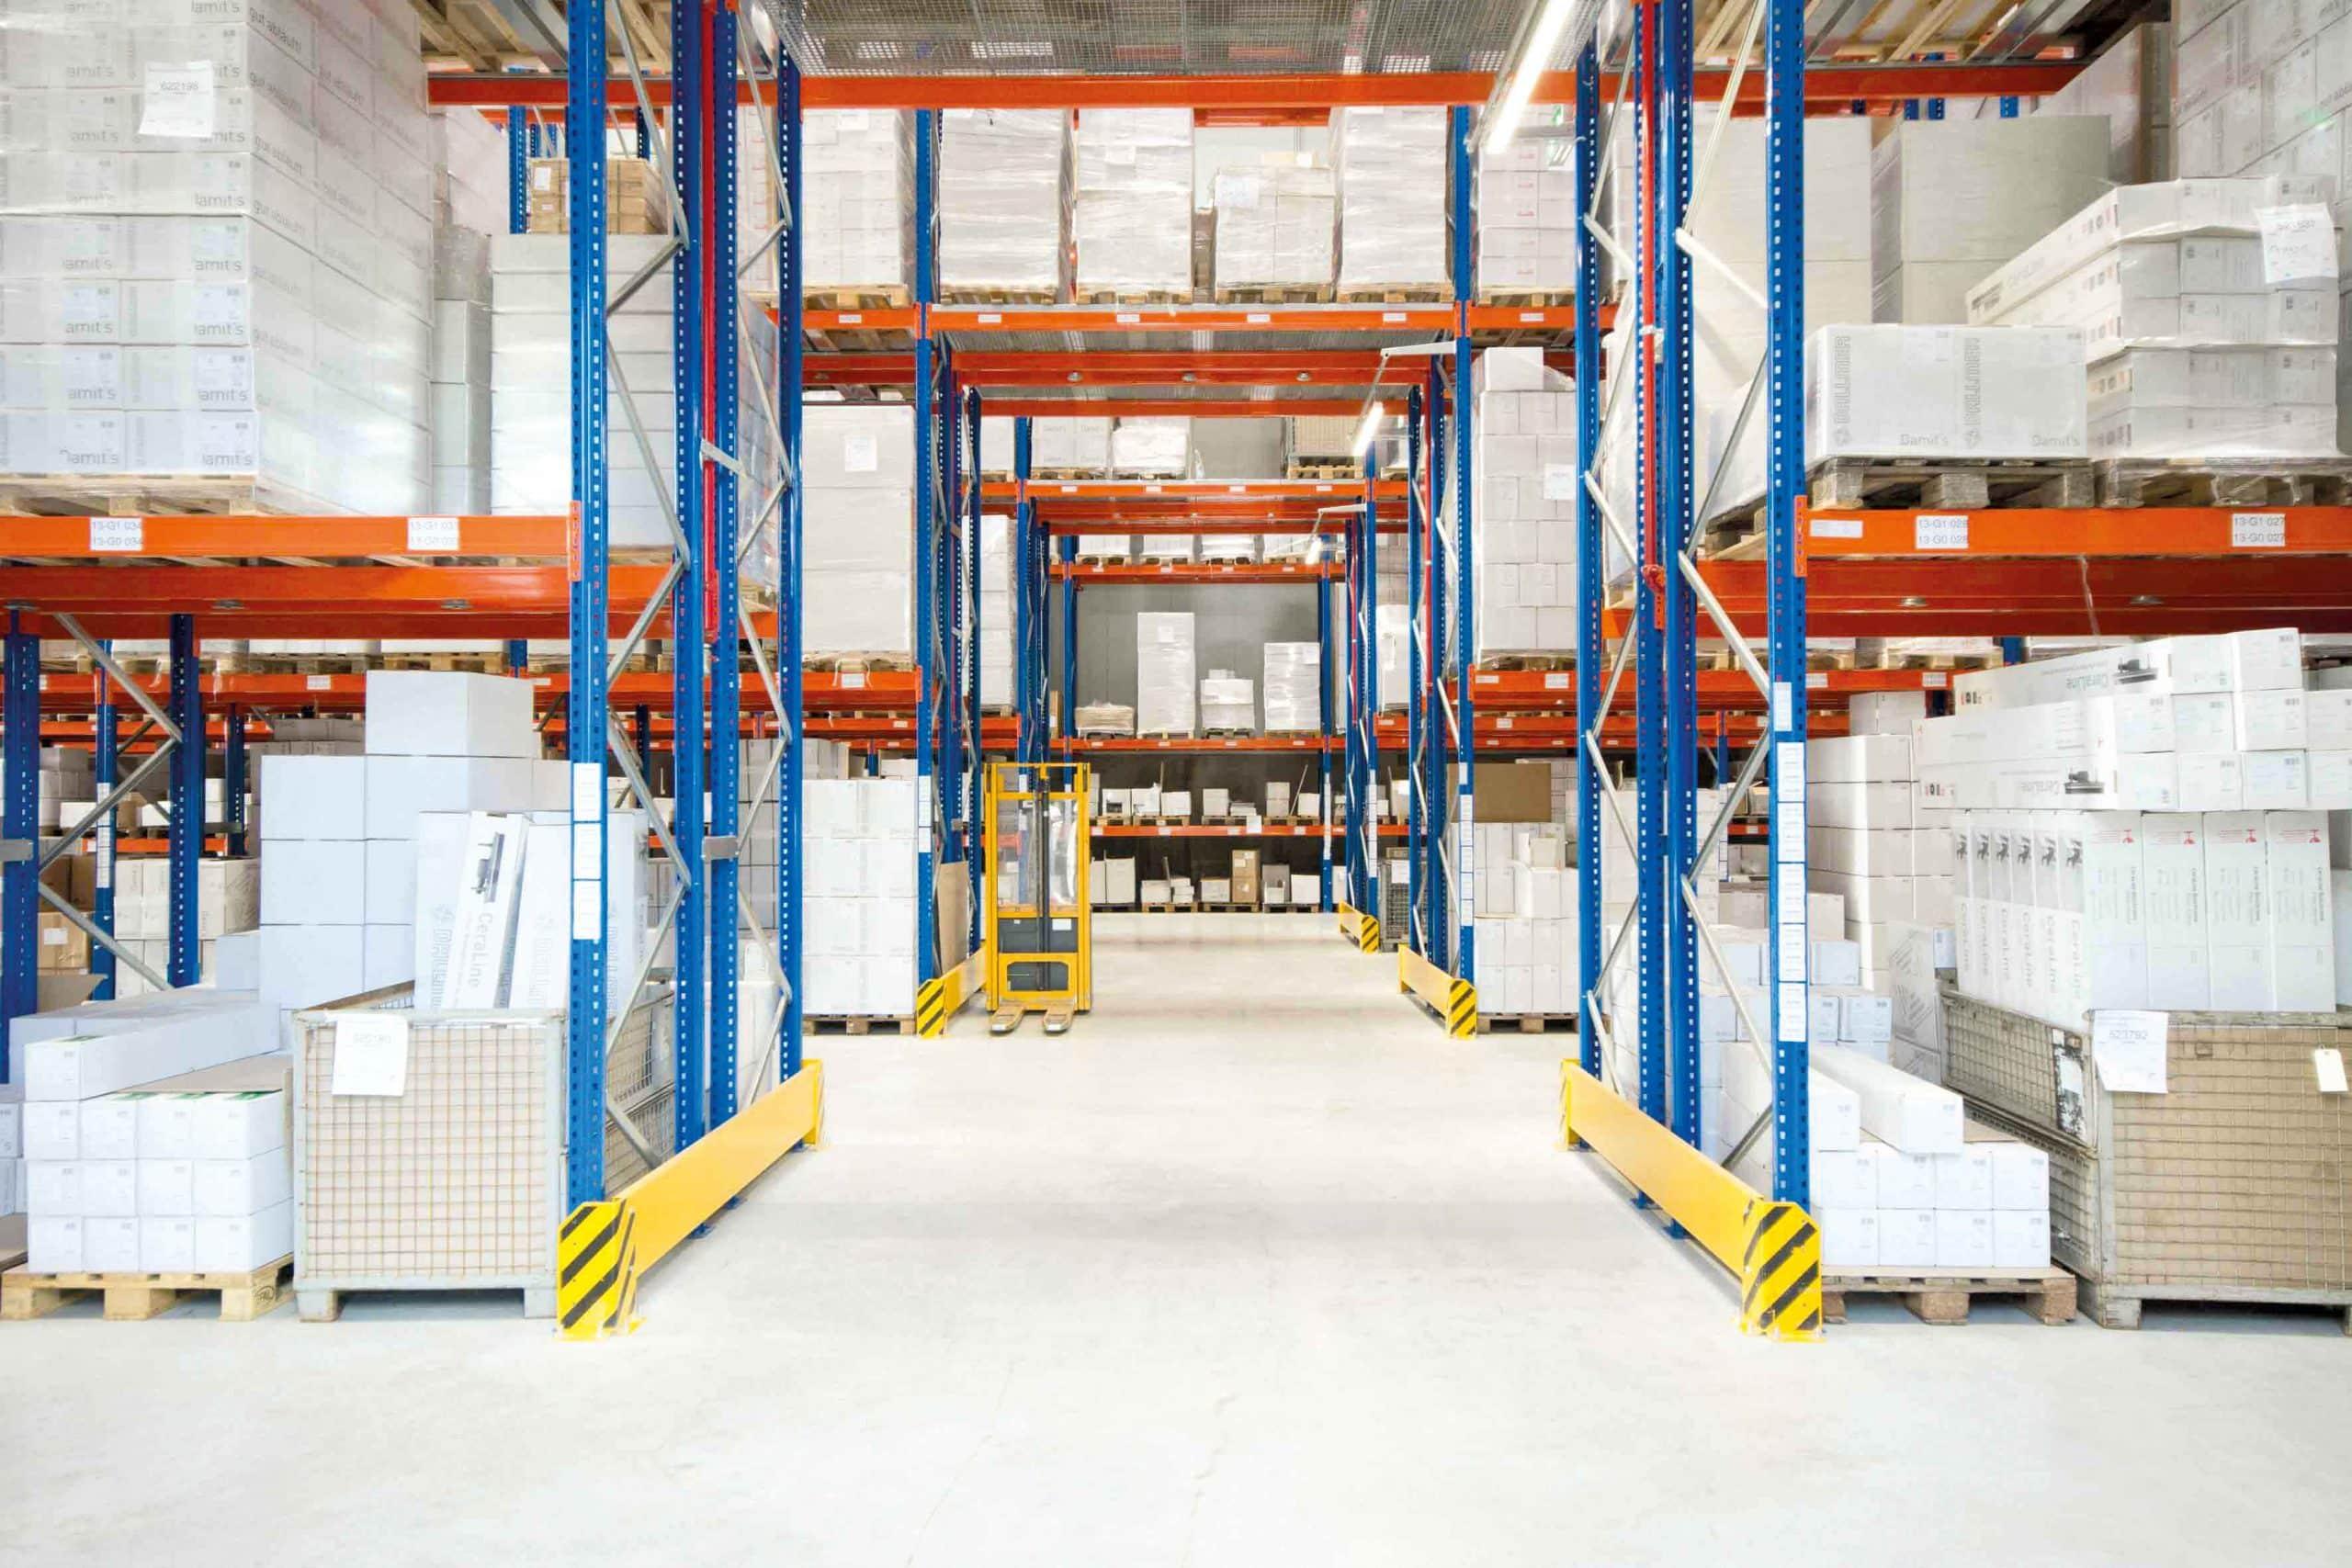 Schwerlastregale bei Kauf-dein-Regal.de online kaufen von SCHULTE Lagertechnik